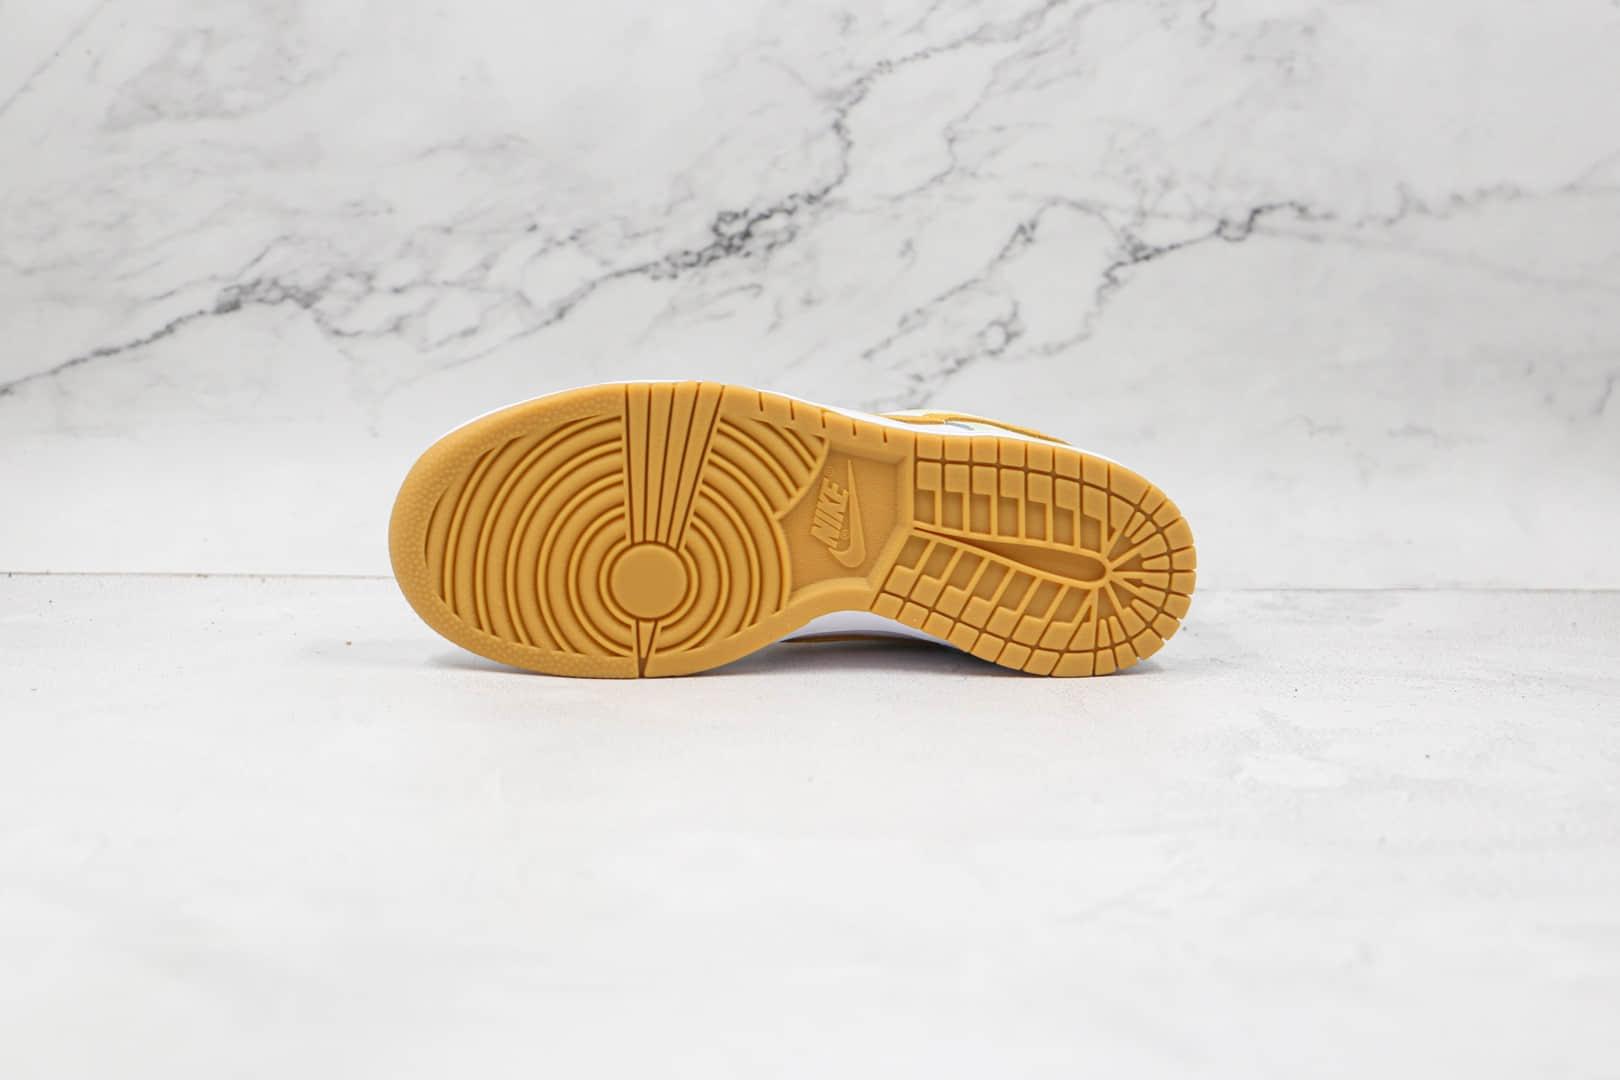 耐克Nike Dunk Low Yellow Strike纯原版本低帮DUNK水洗柠檬黄绿色板鞋原楦头纸板打造 货号:DM9467-700